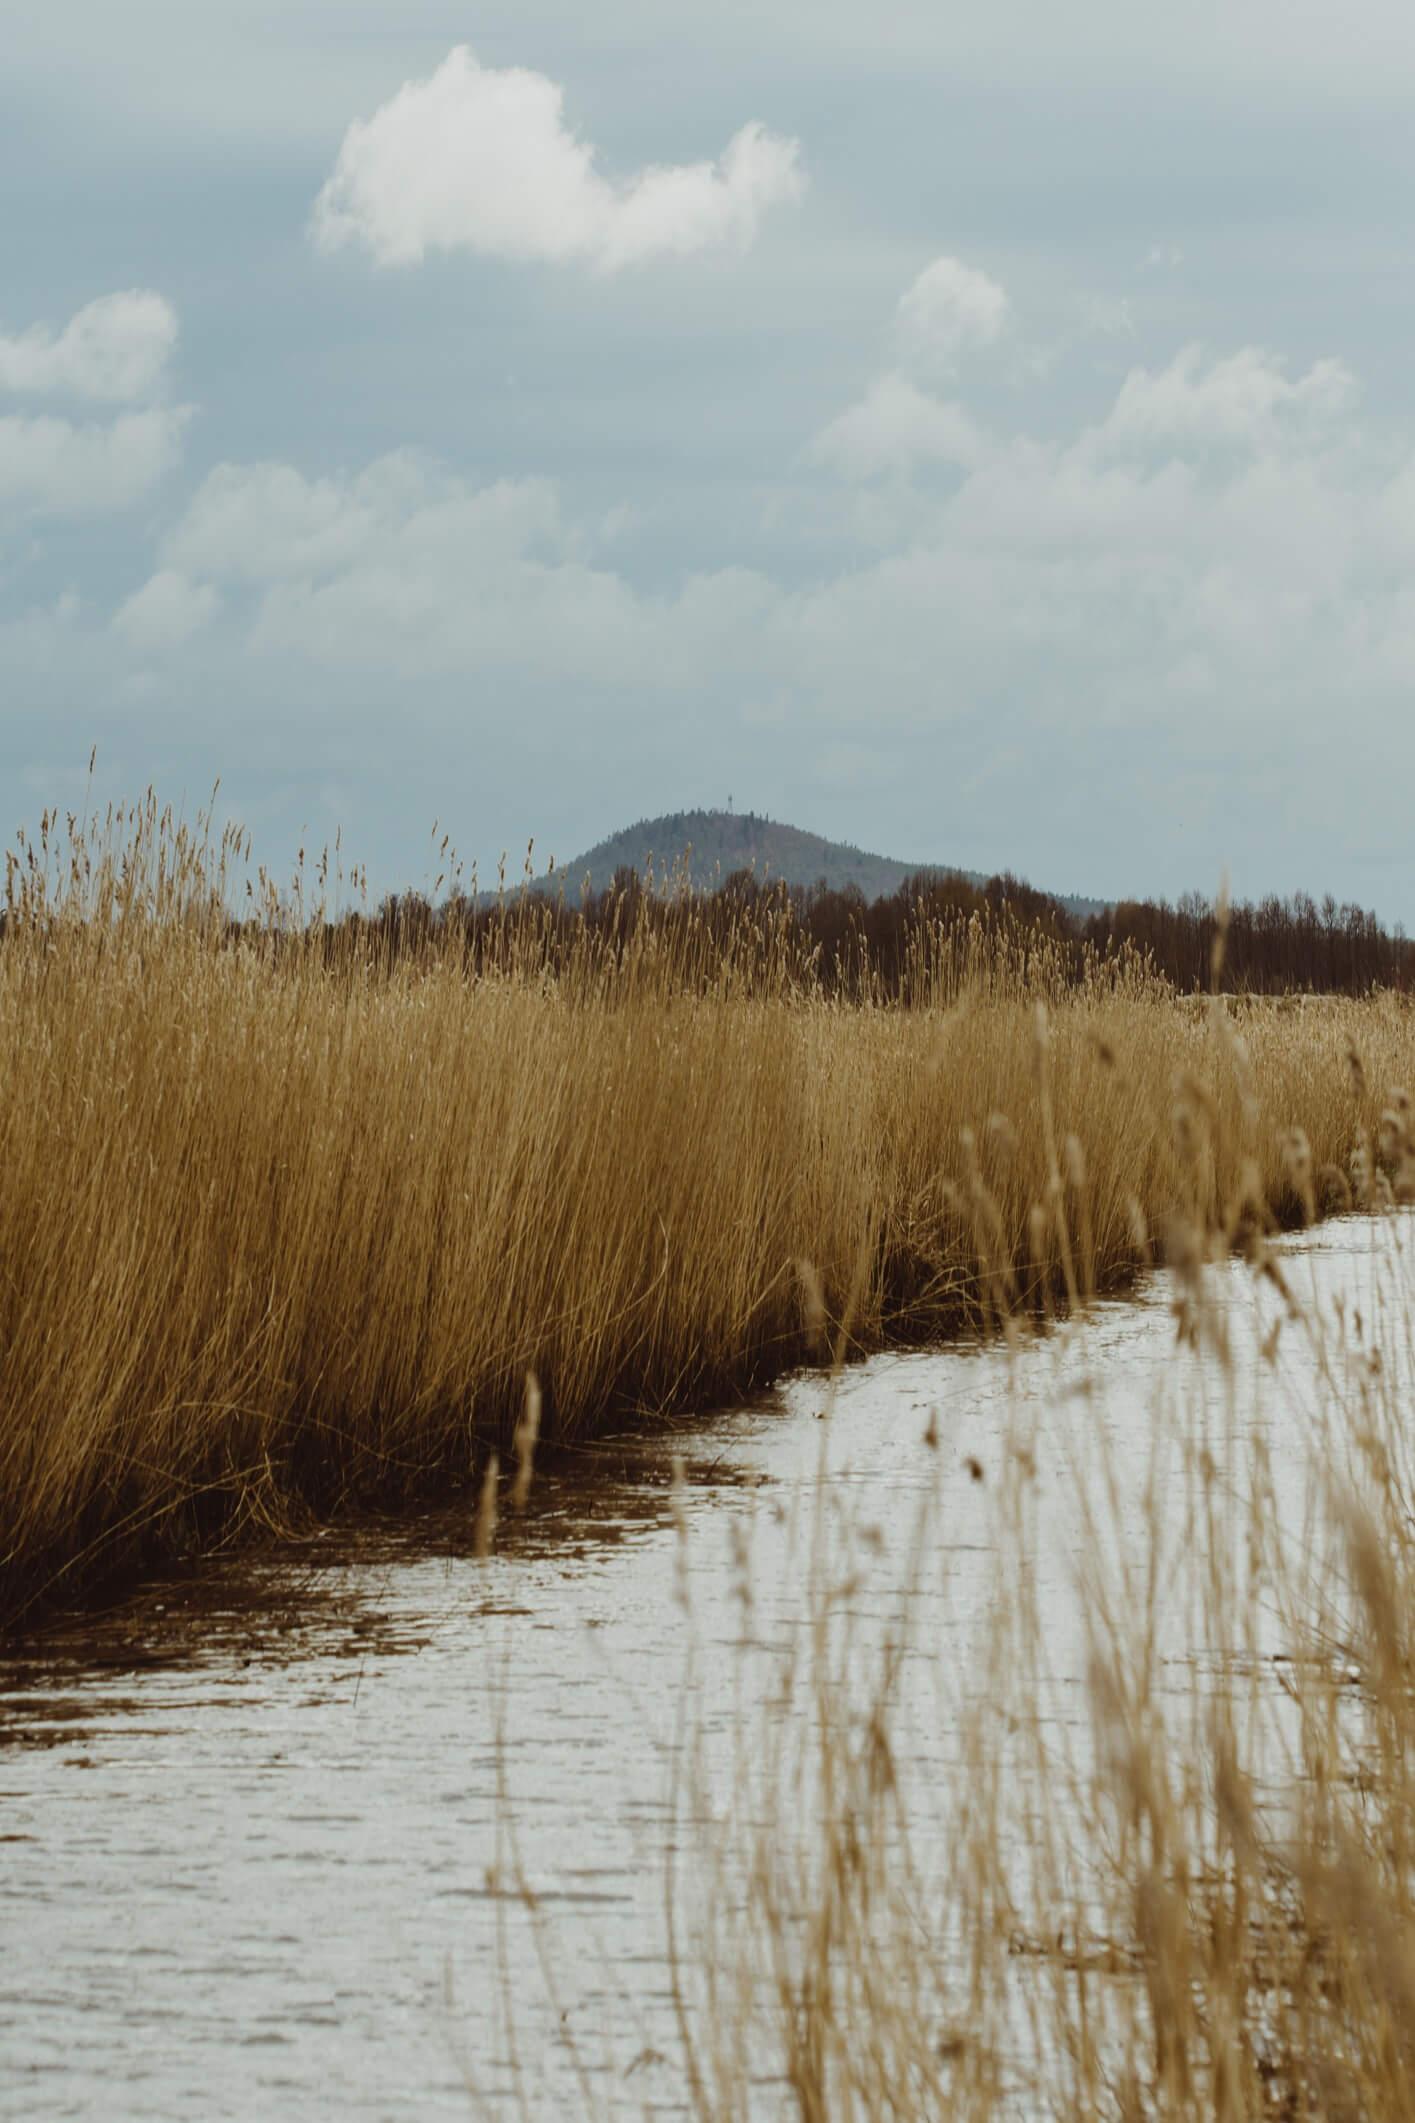 Wybrzeze Slowinskie gliniana zagroda 1 9 - Jak zaplanować czas na Wybrzeżu Słowińskim?